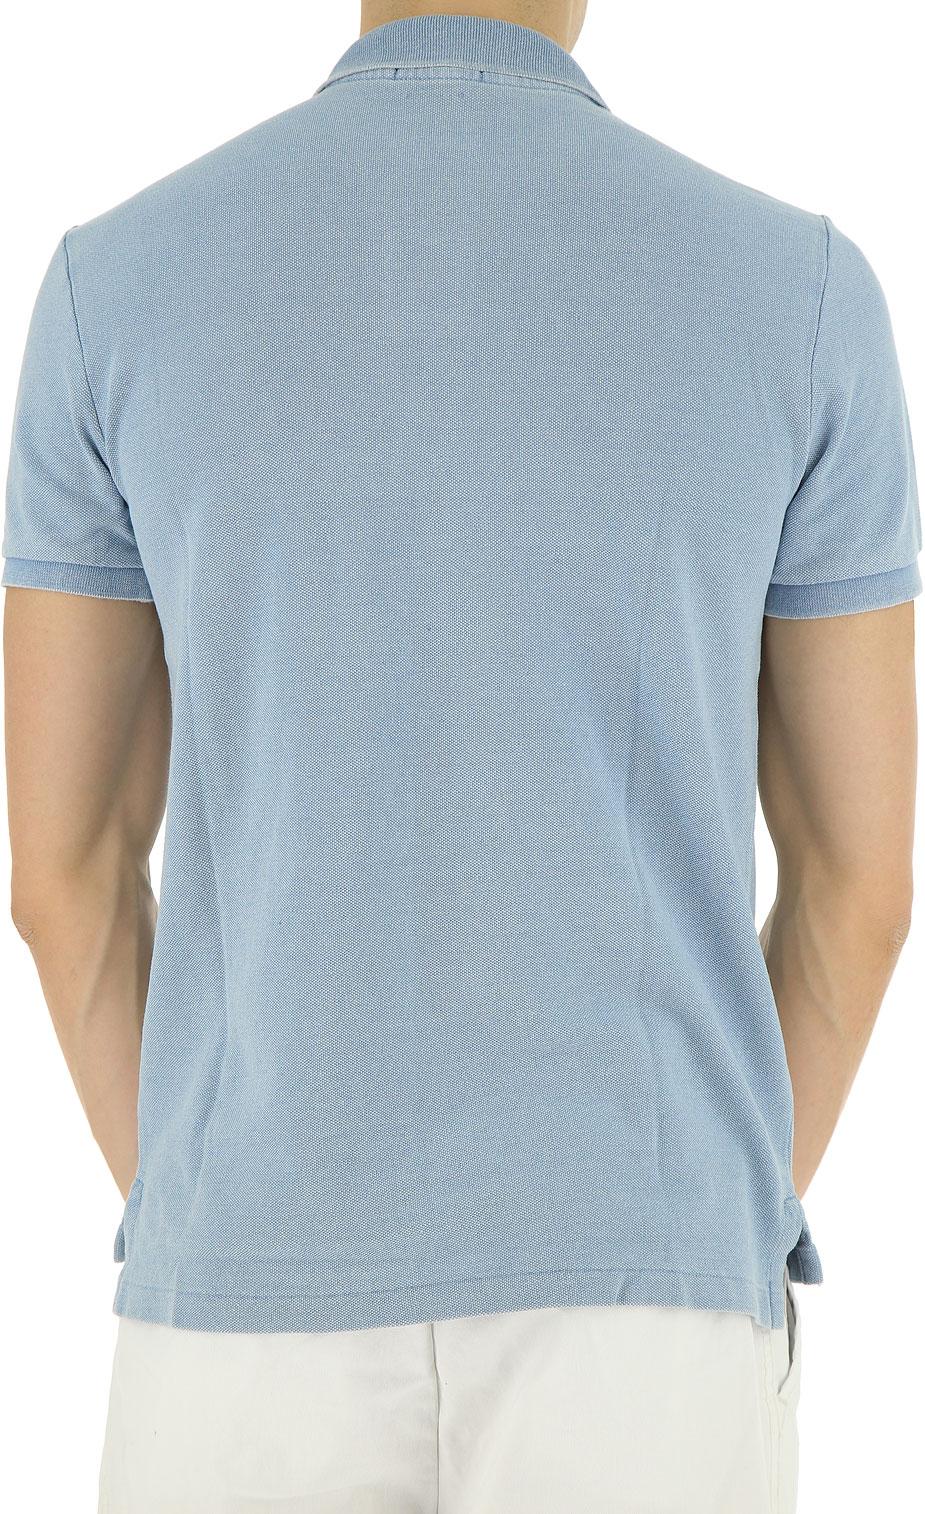 Abbigliamento Uomo Ralph Lauren, Codice Articolo: 710670136-039-